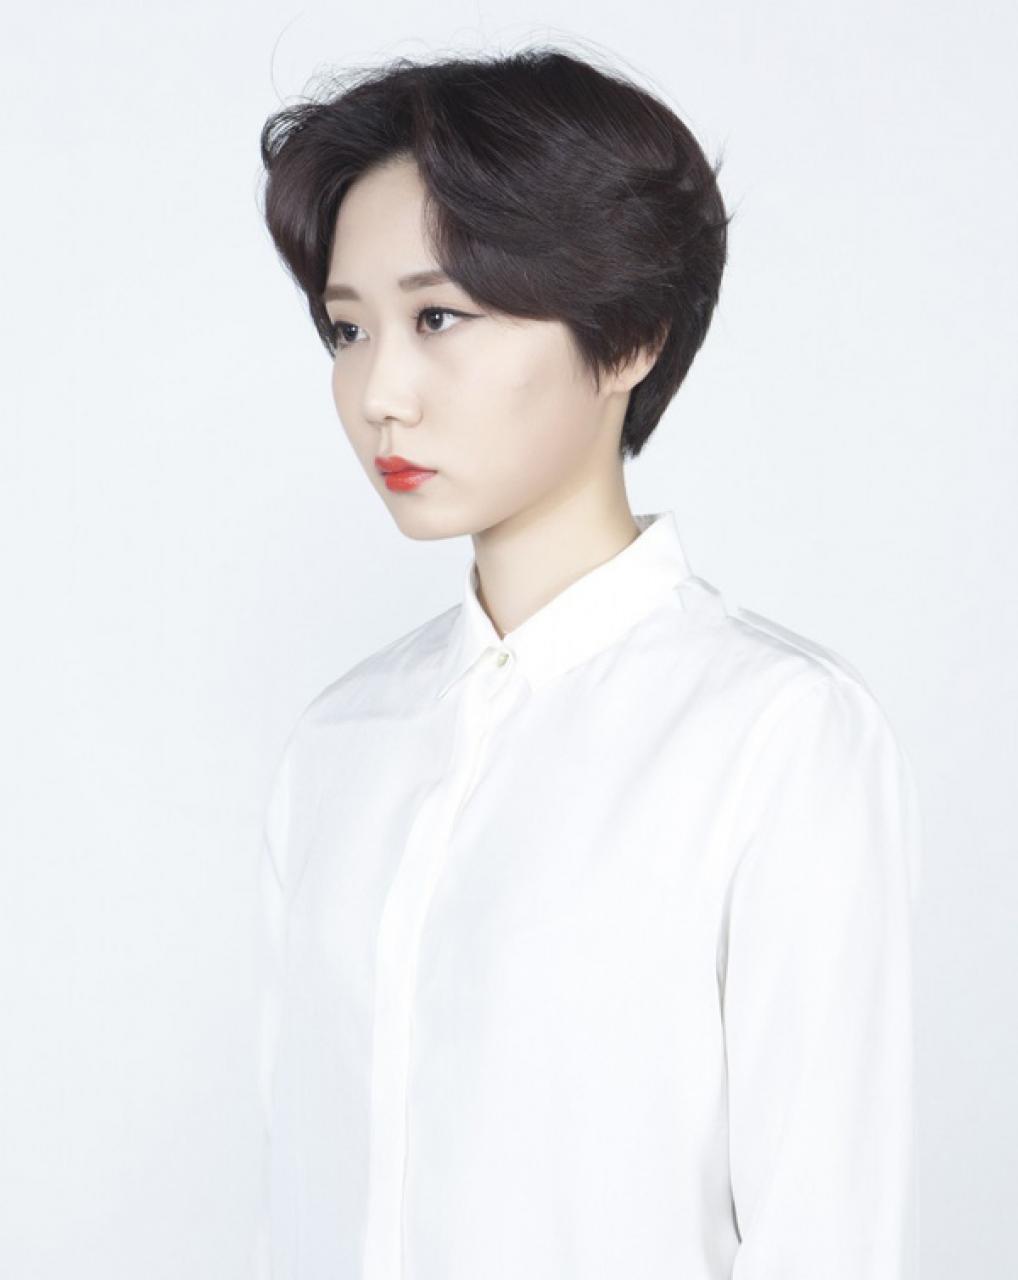 Mẫu tóc tém tuổi trung niên đẹp nhất